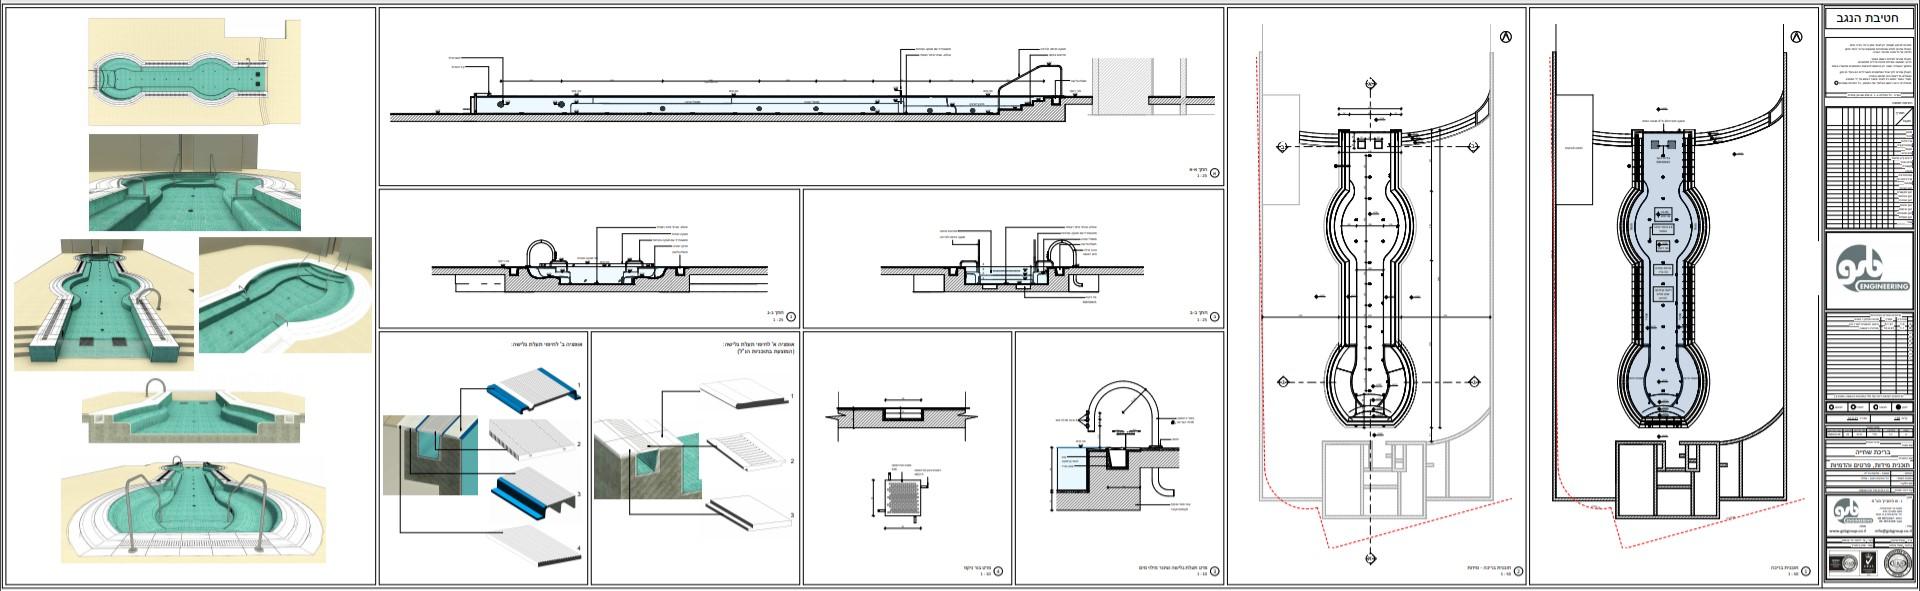 תכנון בריכת גג מעוצבת בבית מלון - אילת